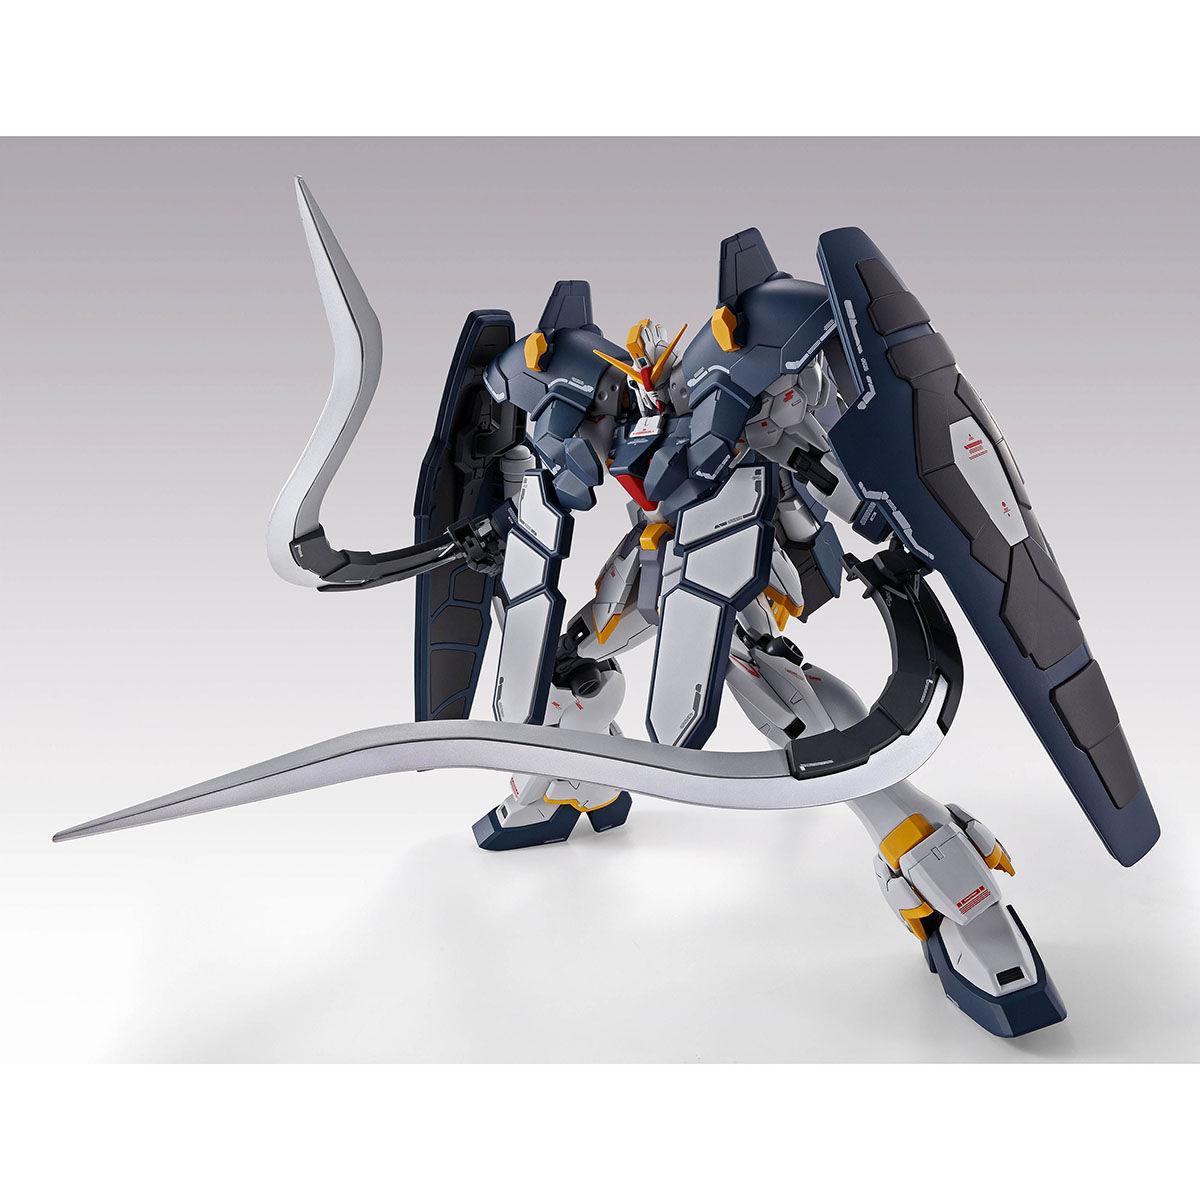 【限定販売】MG 1/100『ガンダムサンドロックEW(アーマディロ装備)』ガンダムW プラモデル-004